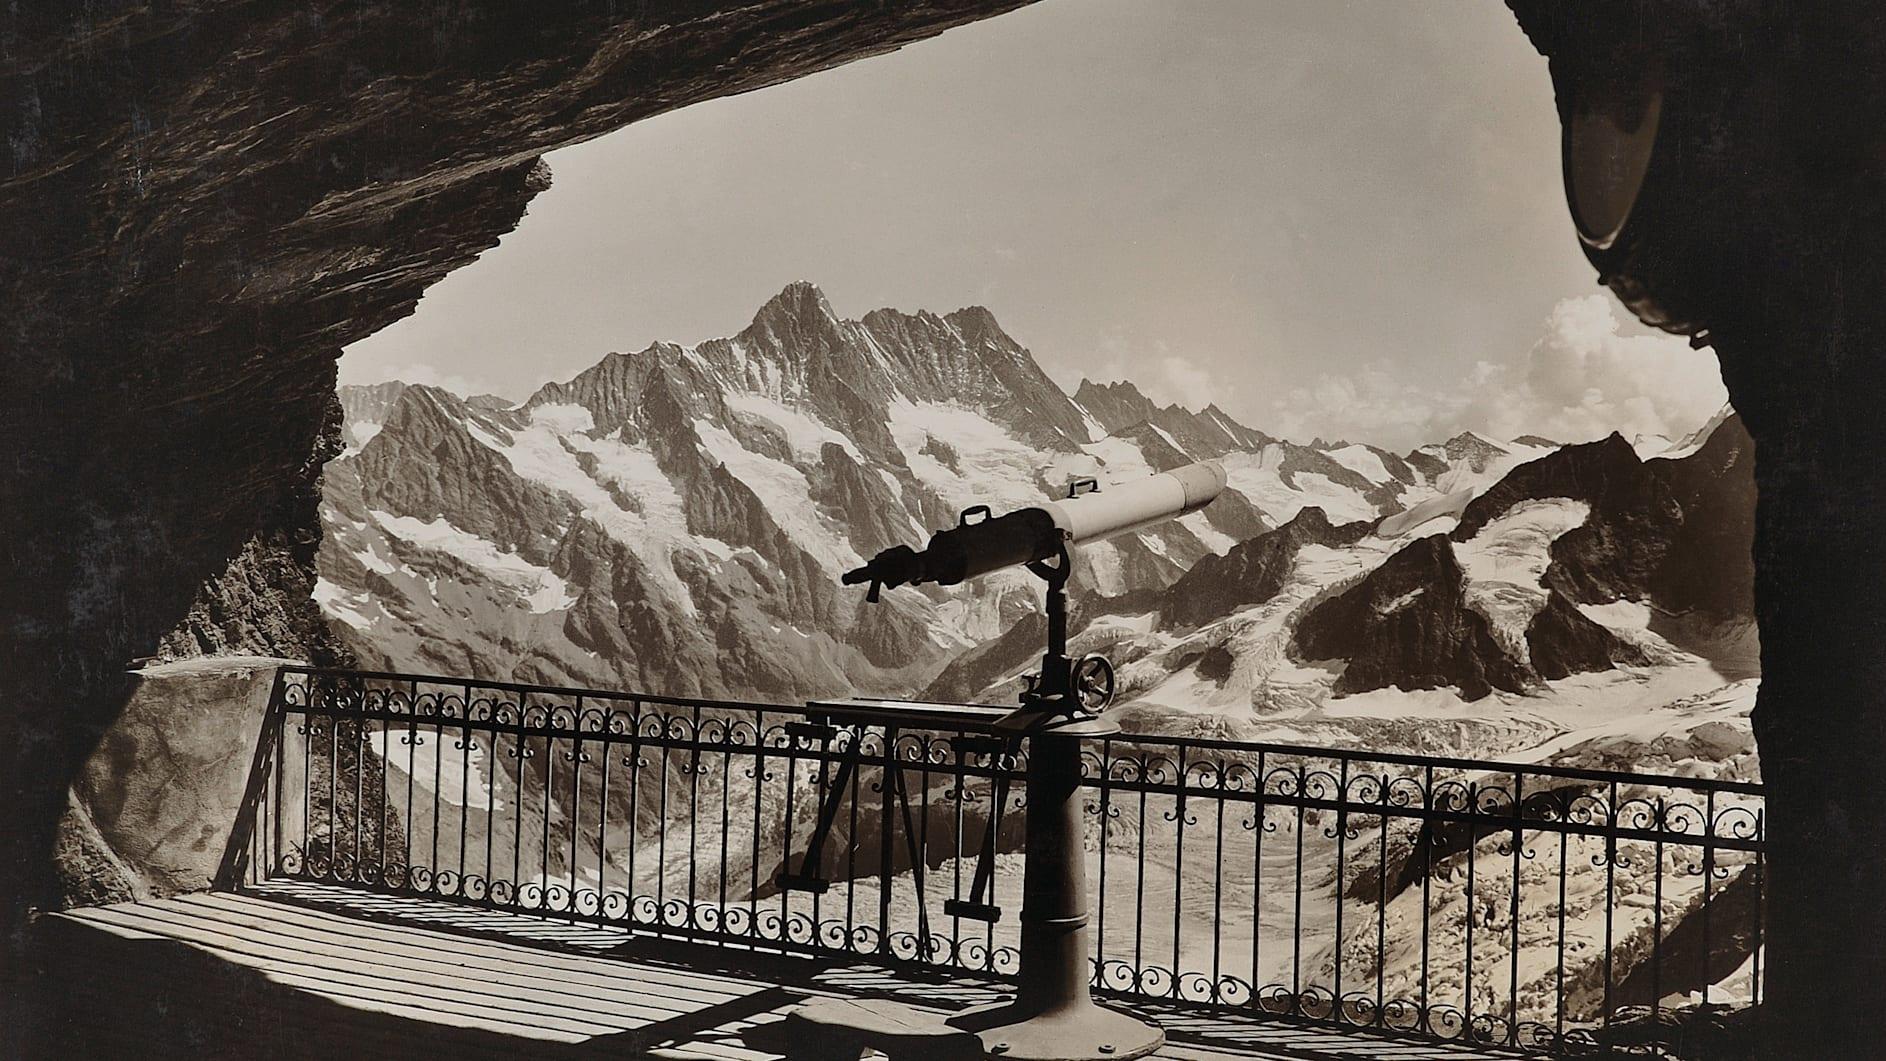 Jungfrau bahn nostalgie eismeer felsengalerie ab1905